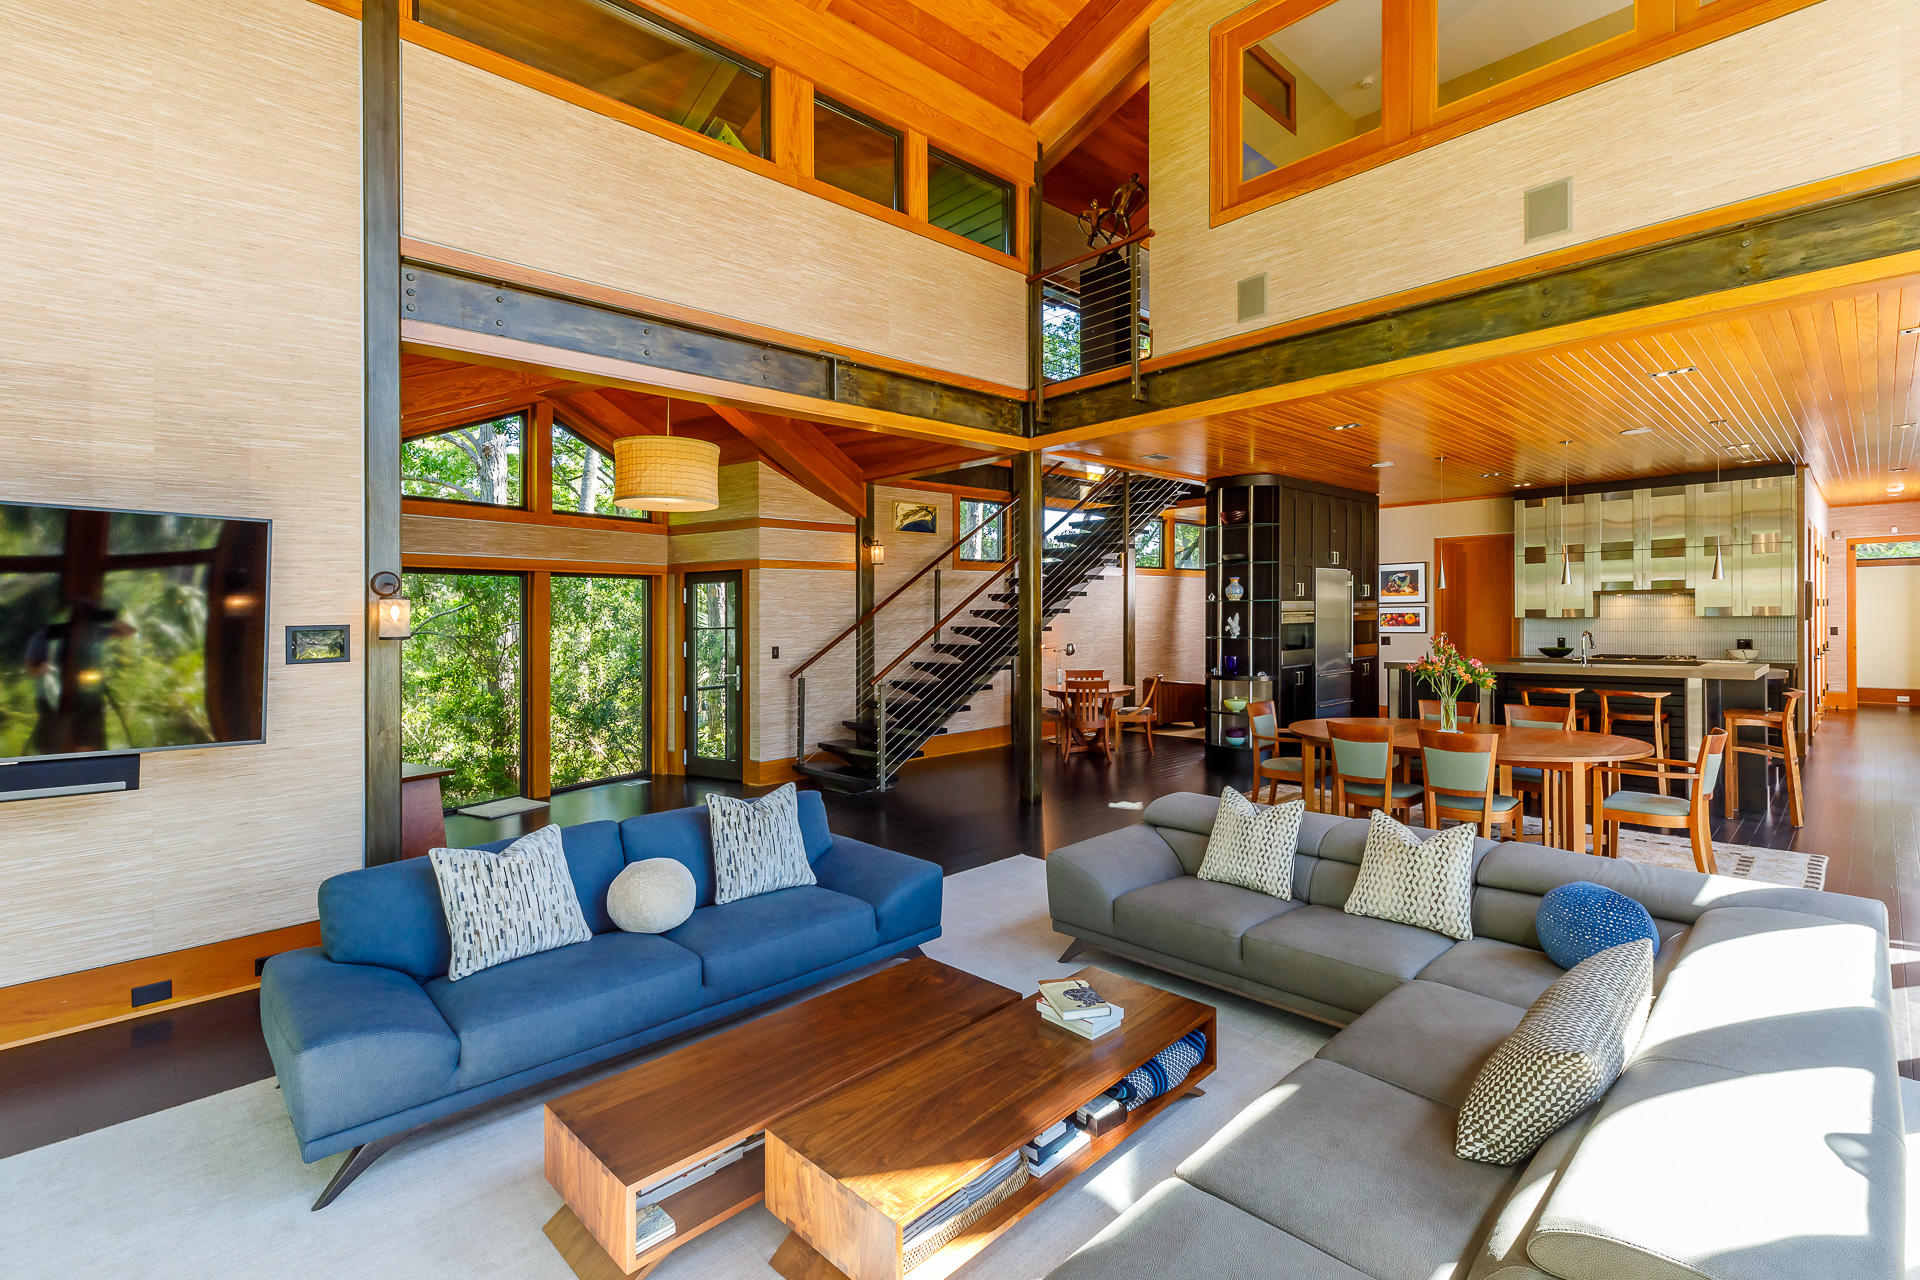 Kiawah Island Homes For Sale - 102 Blue Heron Pond, Kiawah Island, SC - 79